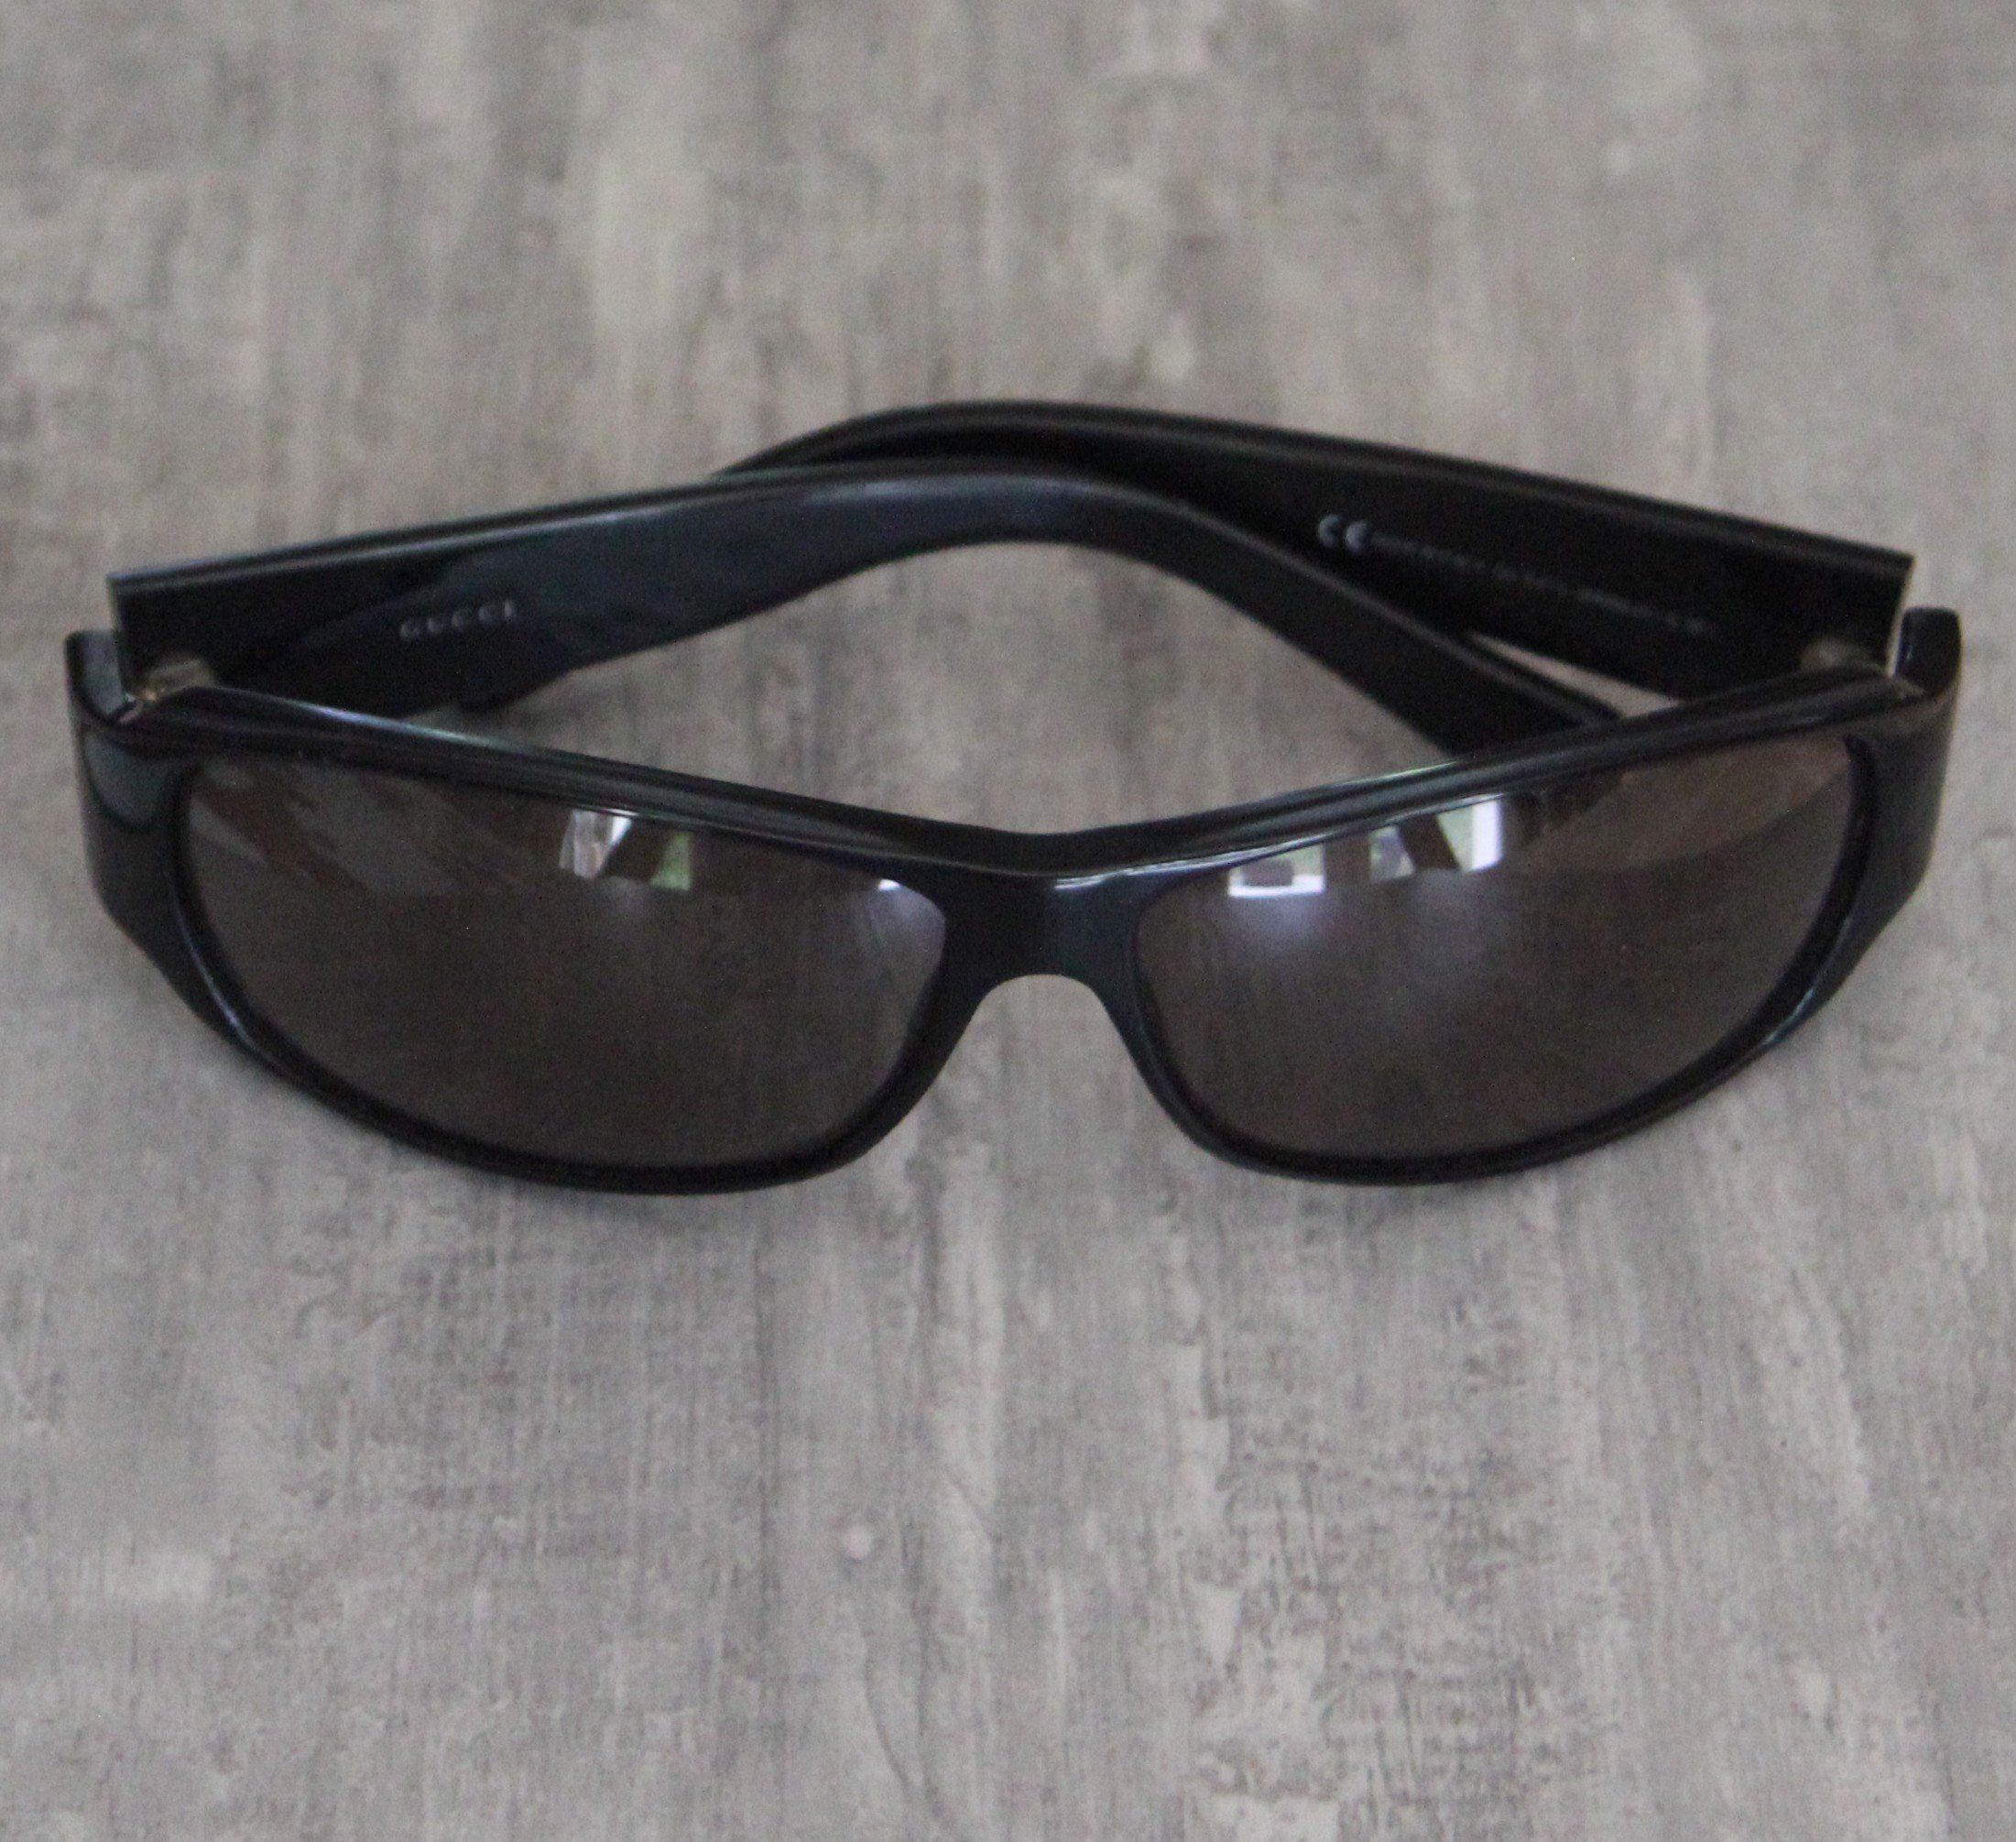 cc25214efd87a Lunettes de soleil gucci made in italy - Monture optique et lunette